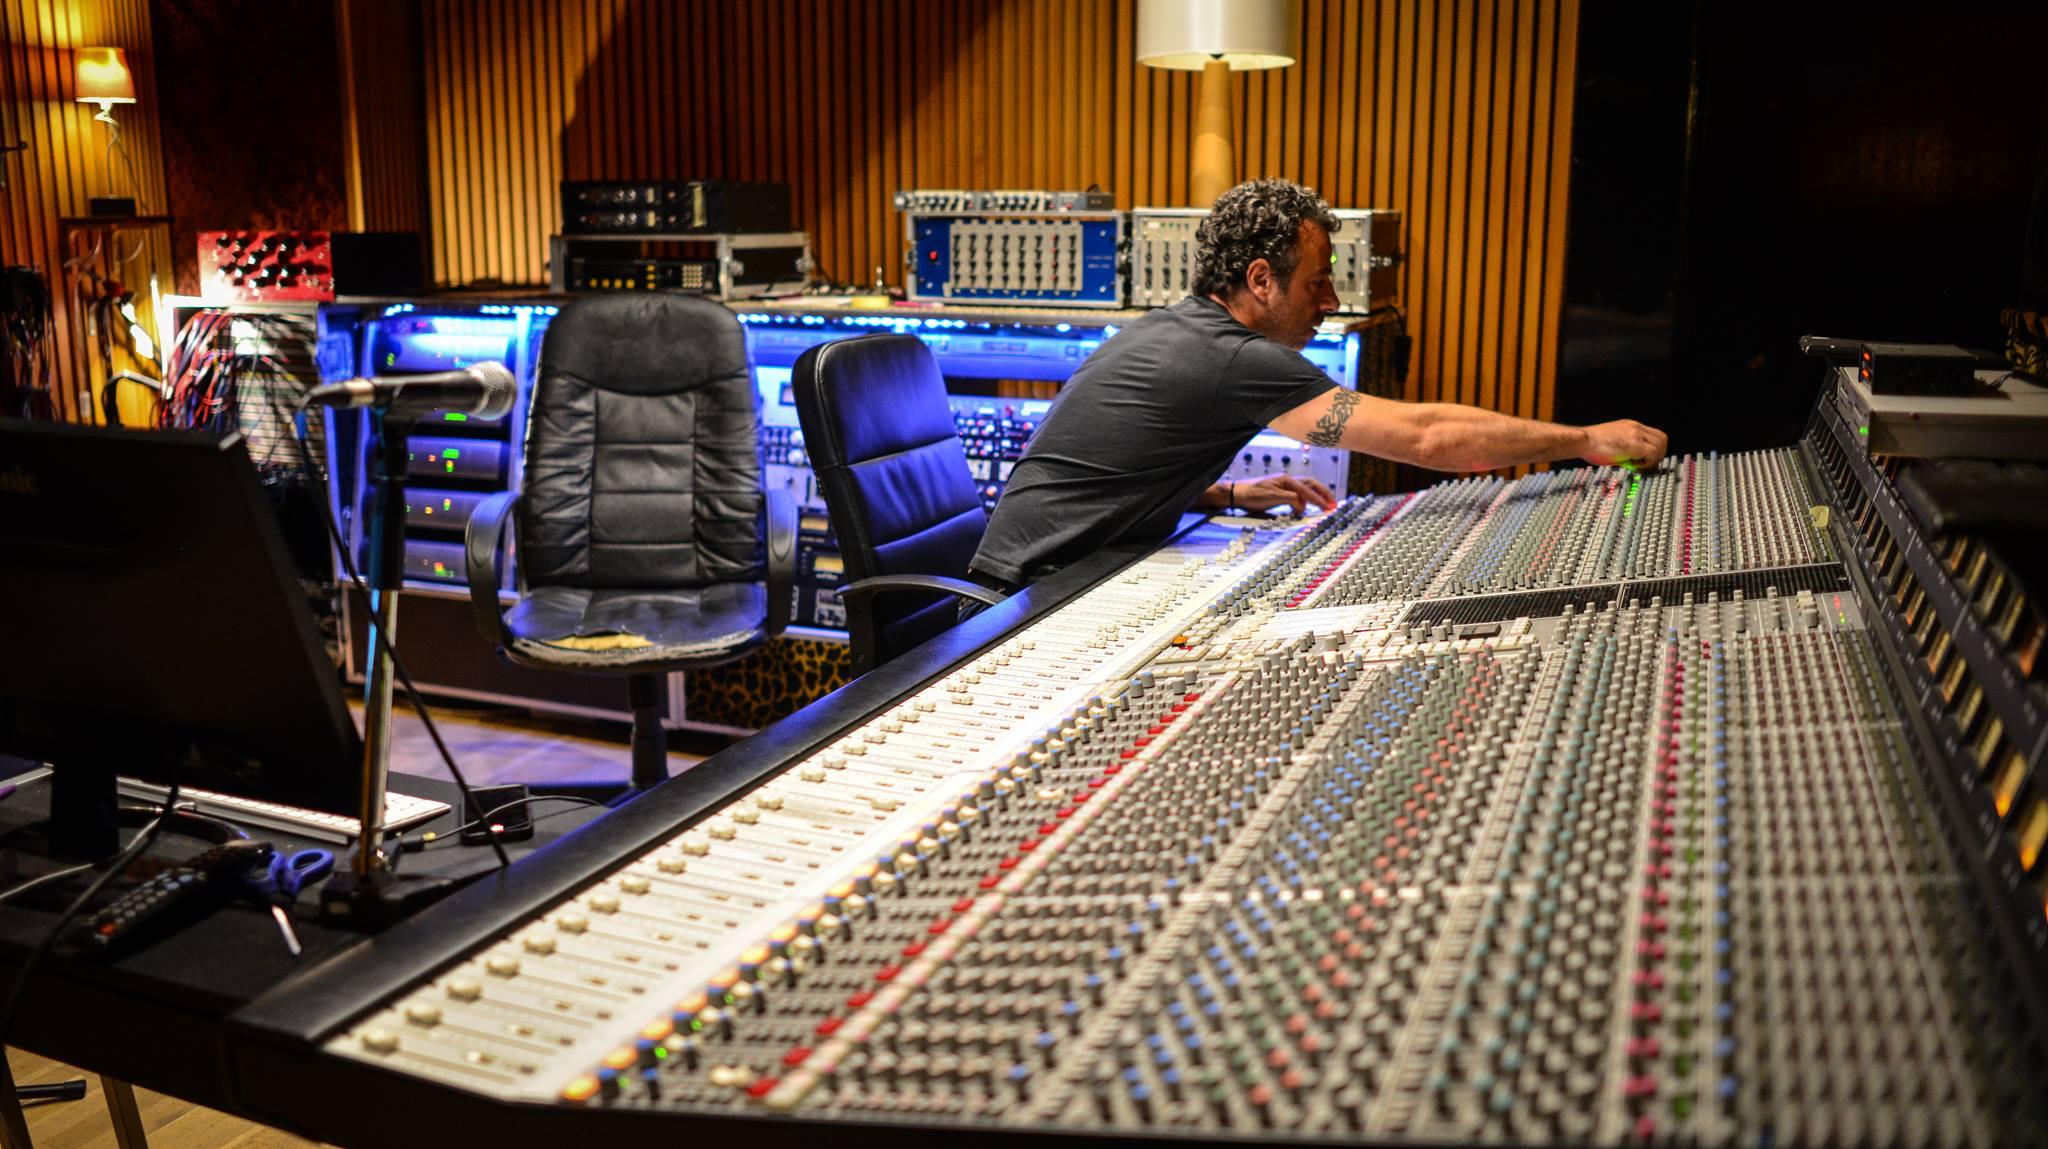 Studio d'enregistrement, comment s'y préparer